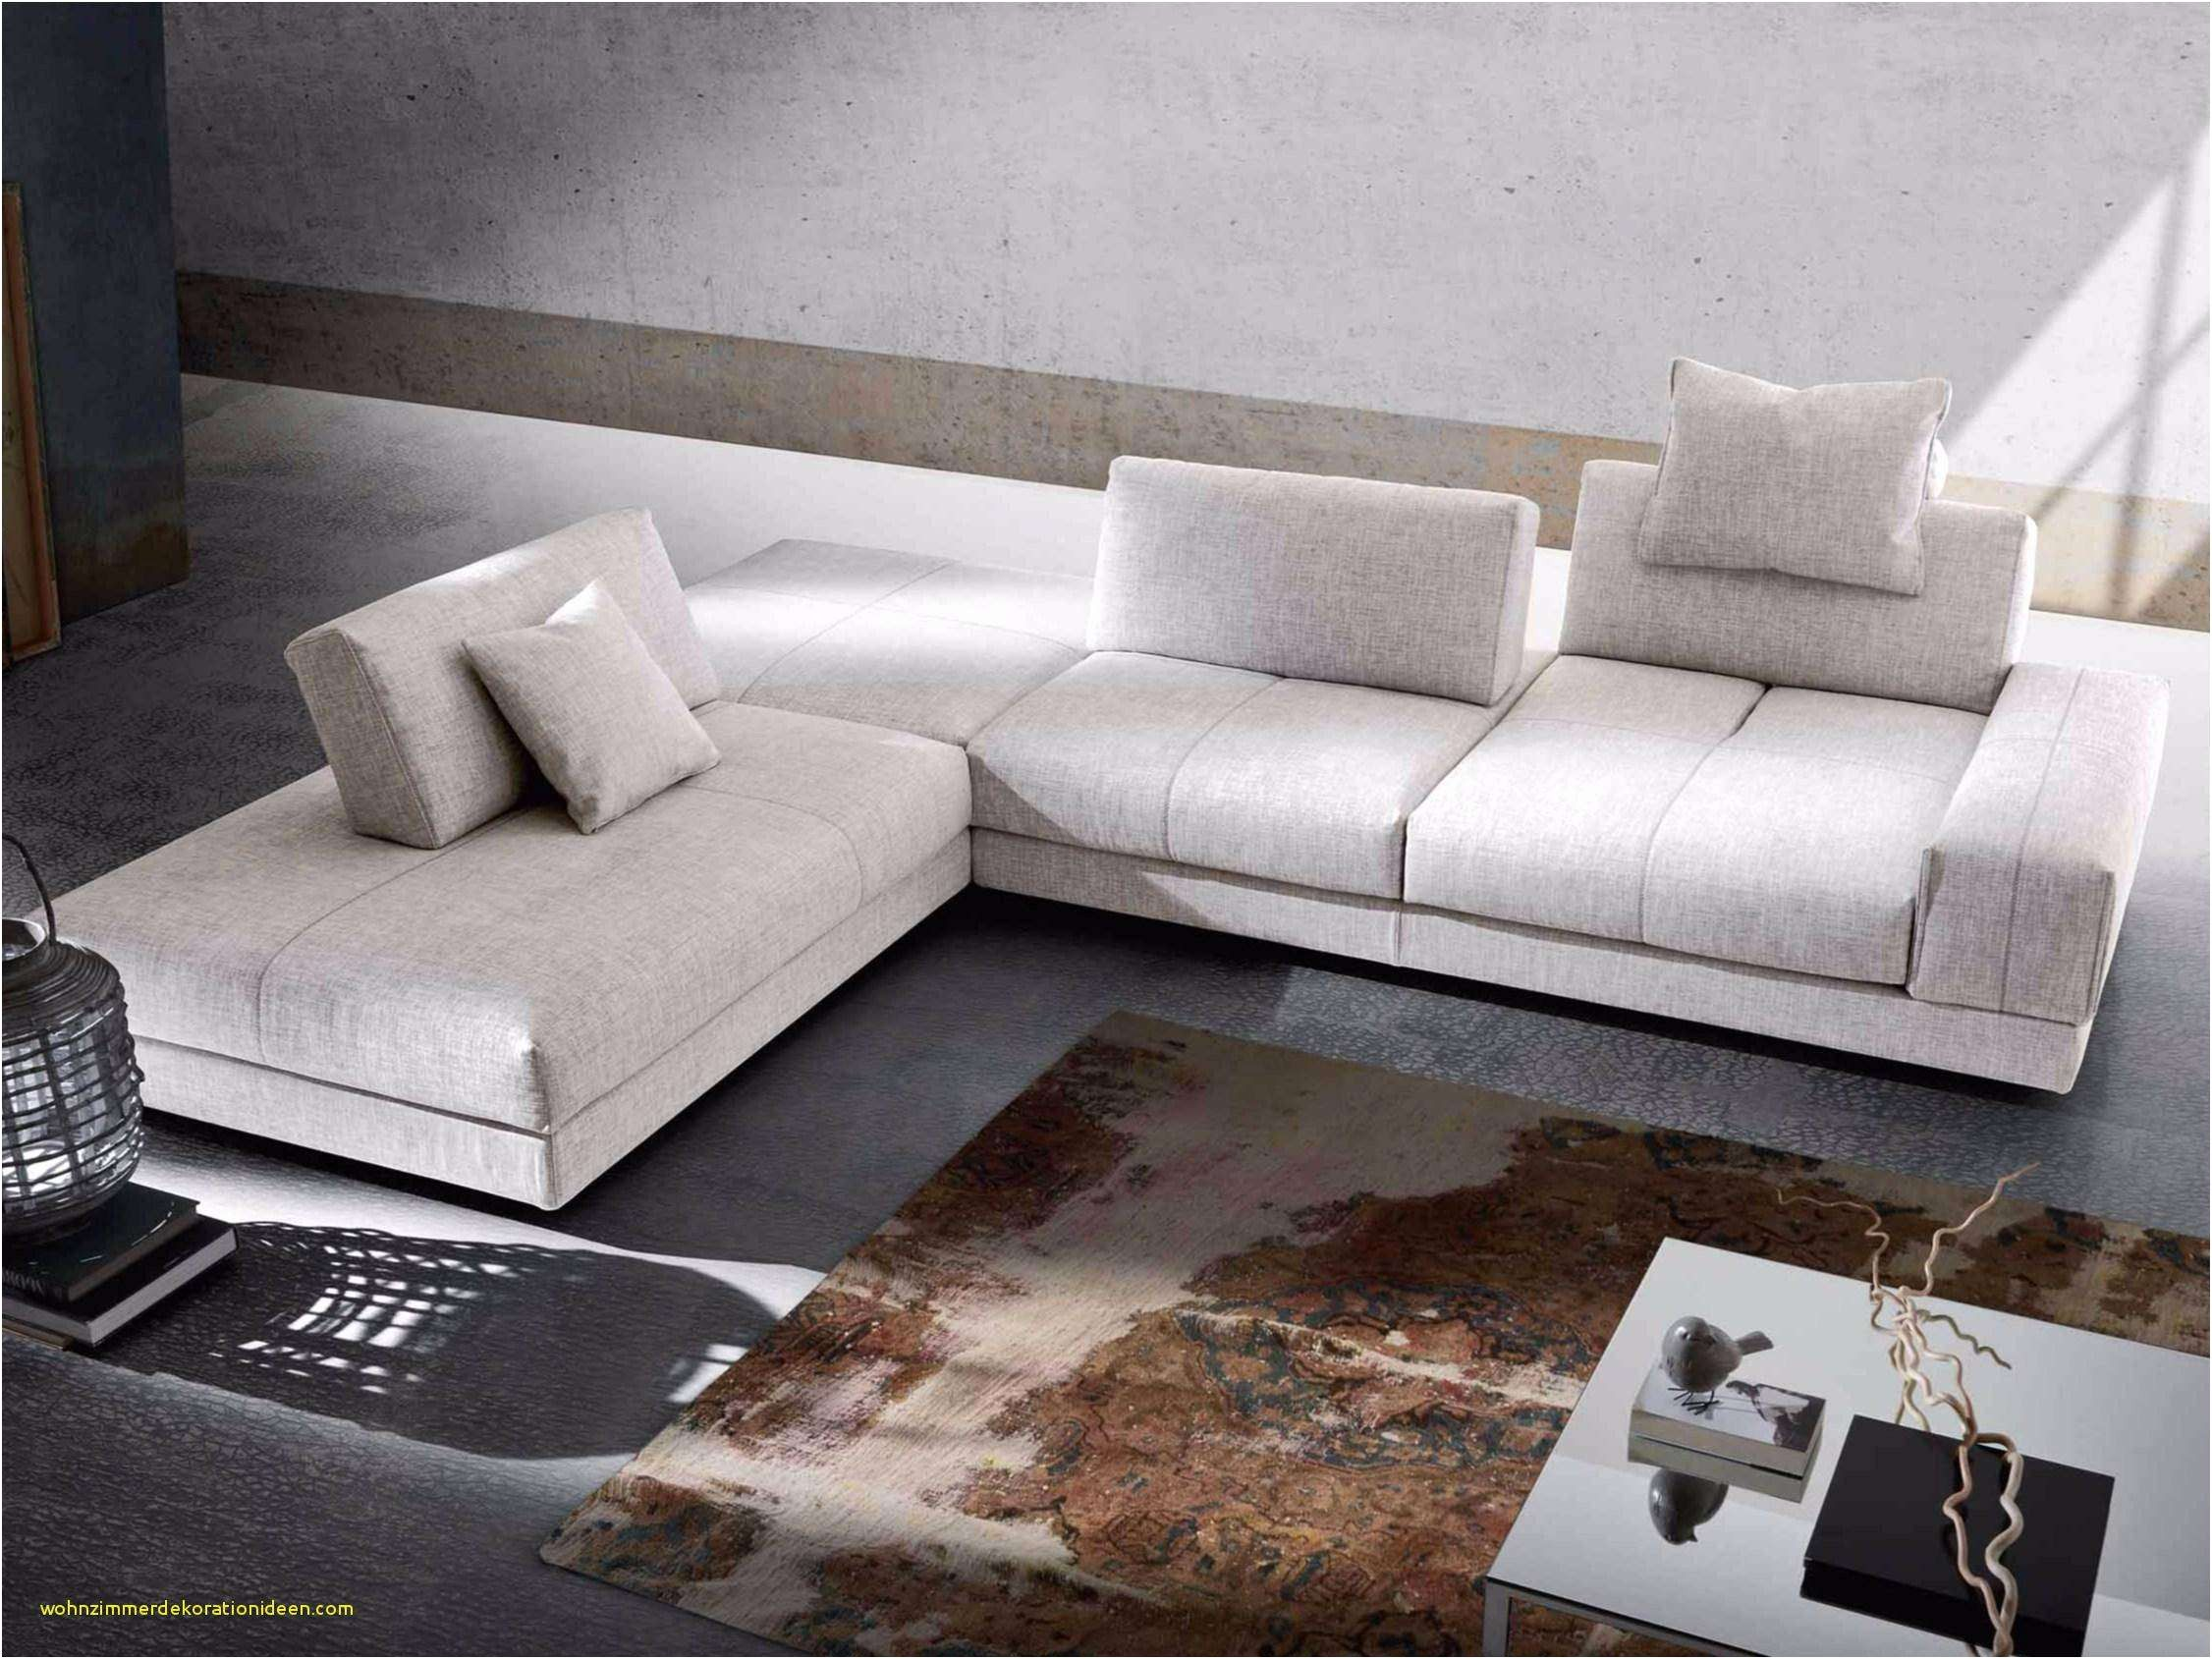 Couchgarnitur Wohnzimmer, weitläufig couchgarnitur wohnzimmer check more at https, Design ideen